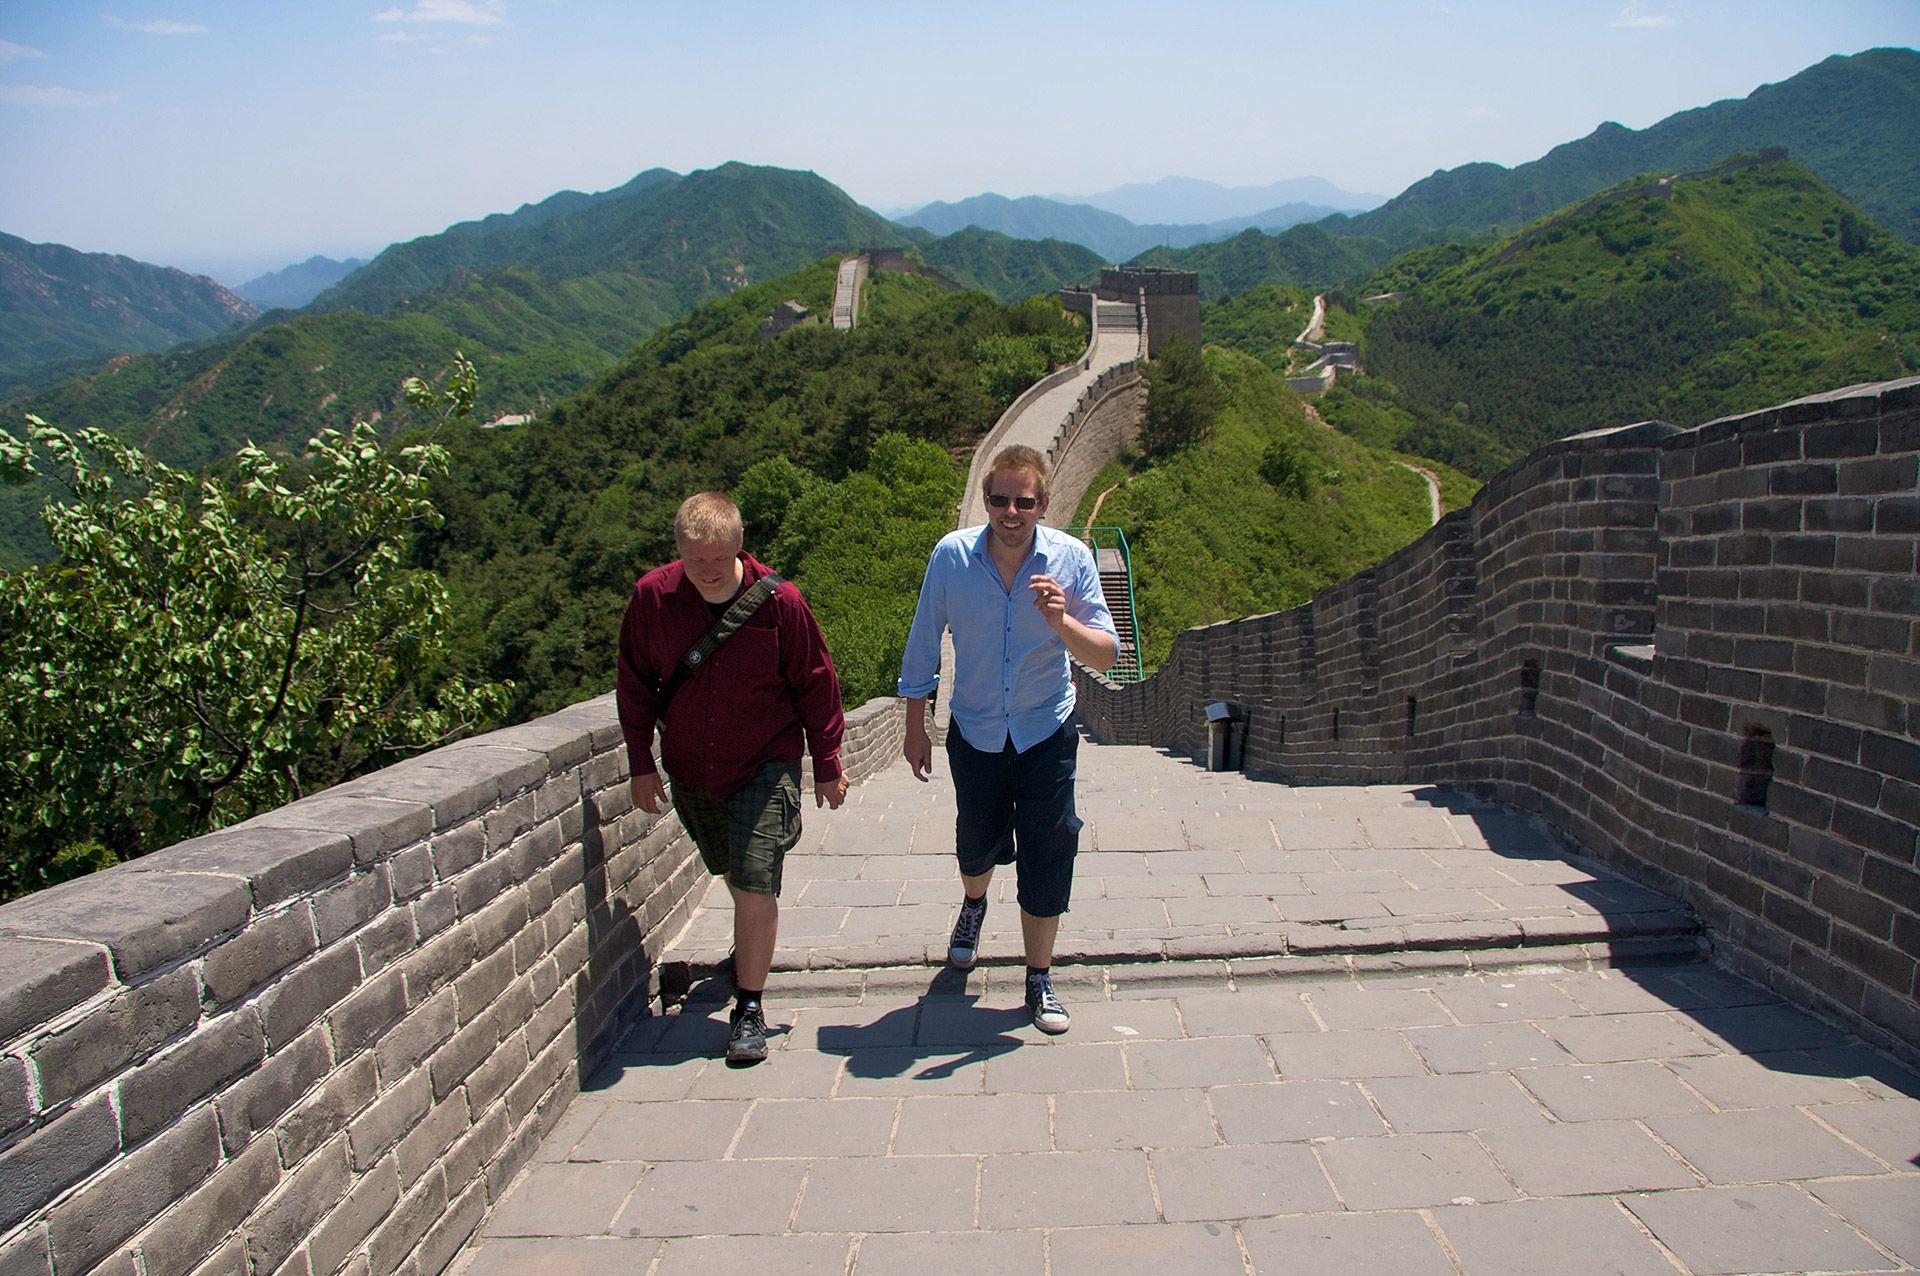 Interns visiting Great Wall of China